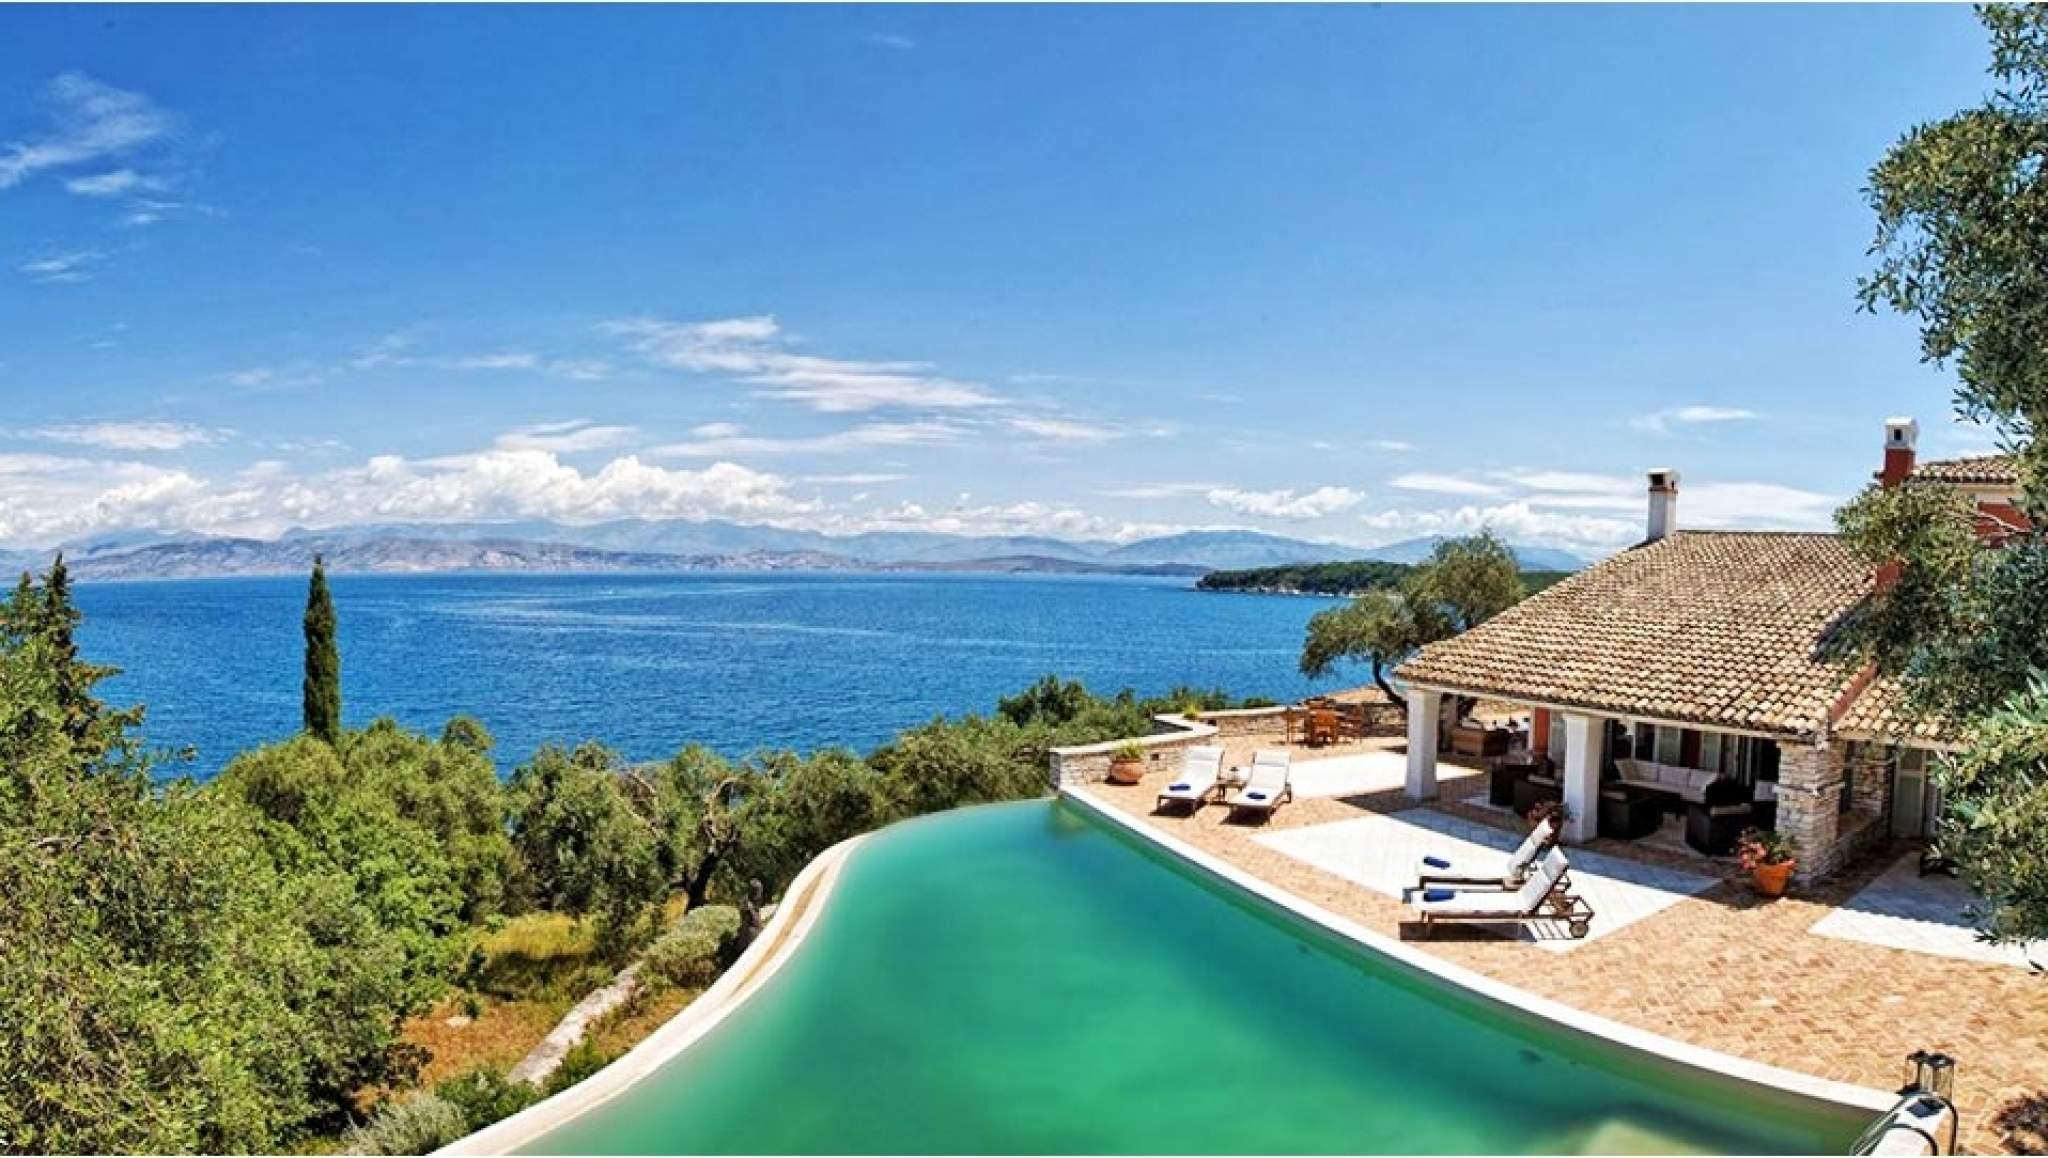 Квартира в испании на берегу моря купить дешево